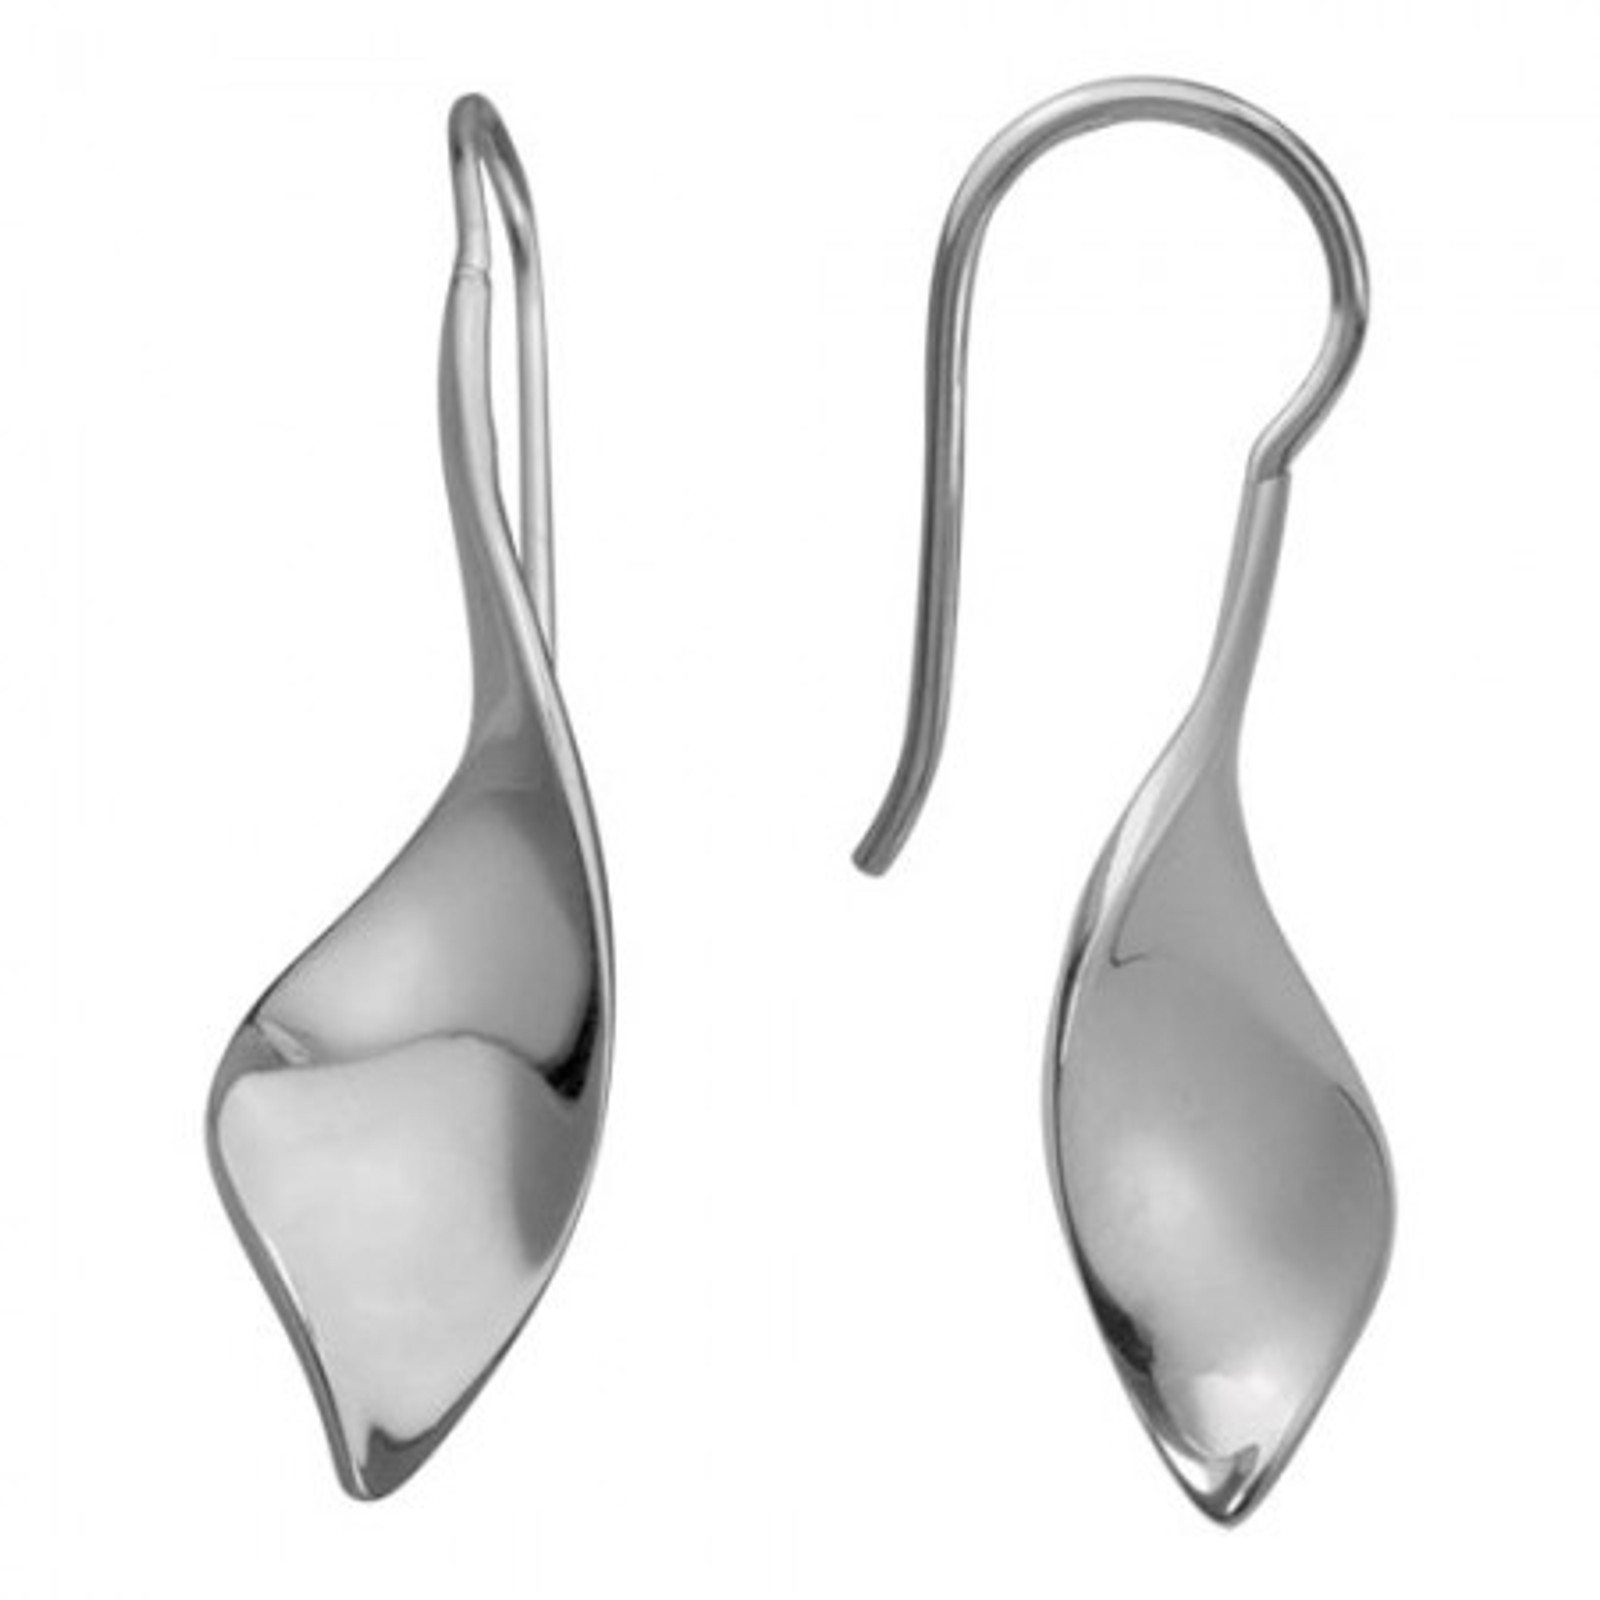 Shiny Twist Earrings, Danish Silversmiths